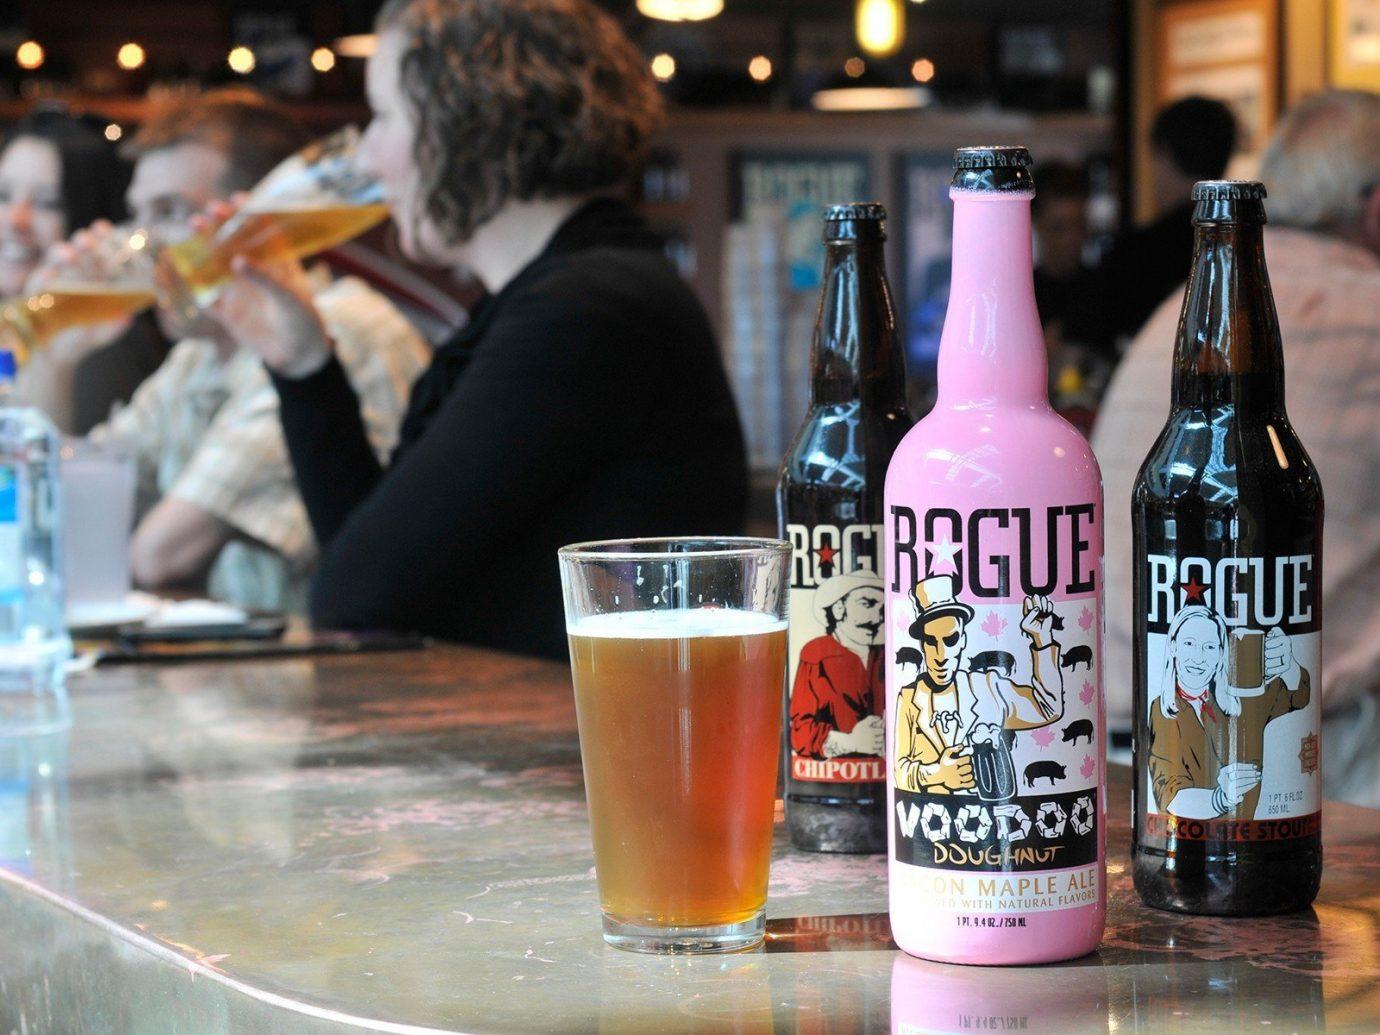 Food + Drink bottle table person Drink alcoholic beverage food beer drinking sense Bar beverage alcohol